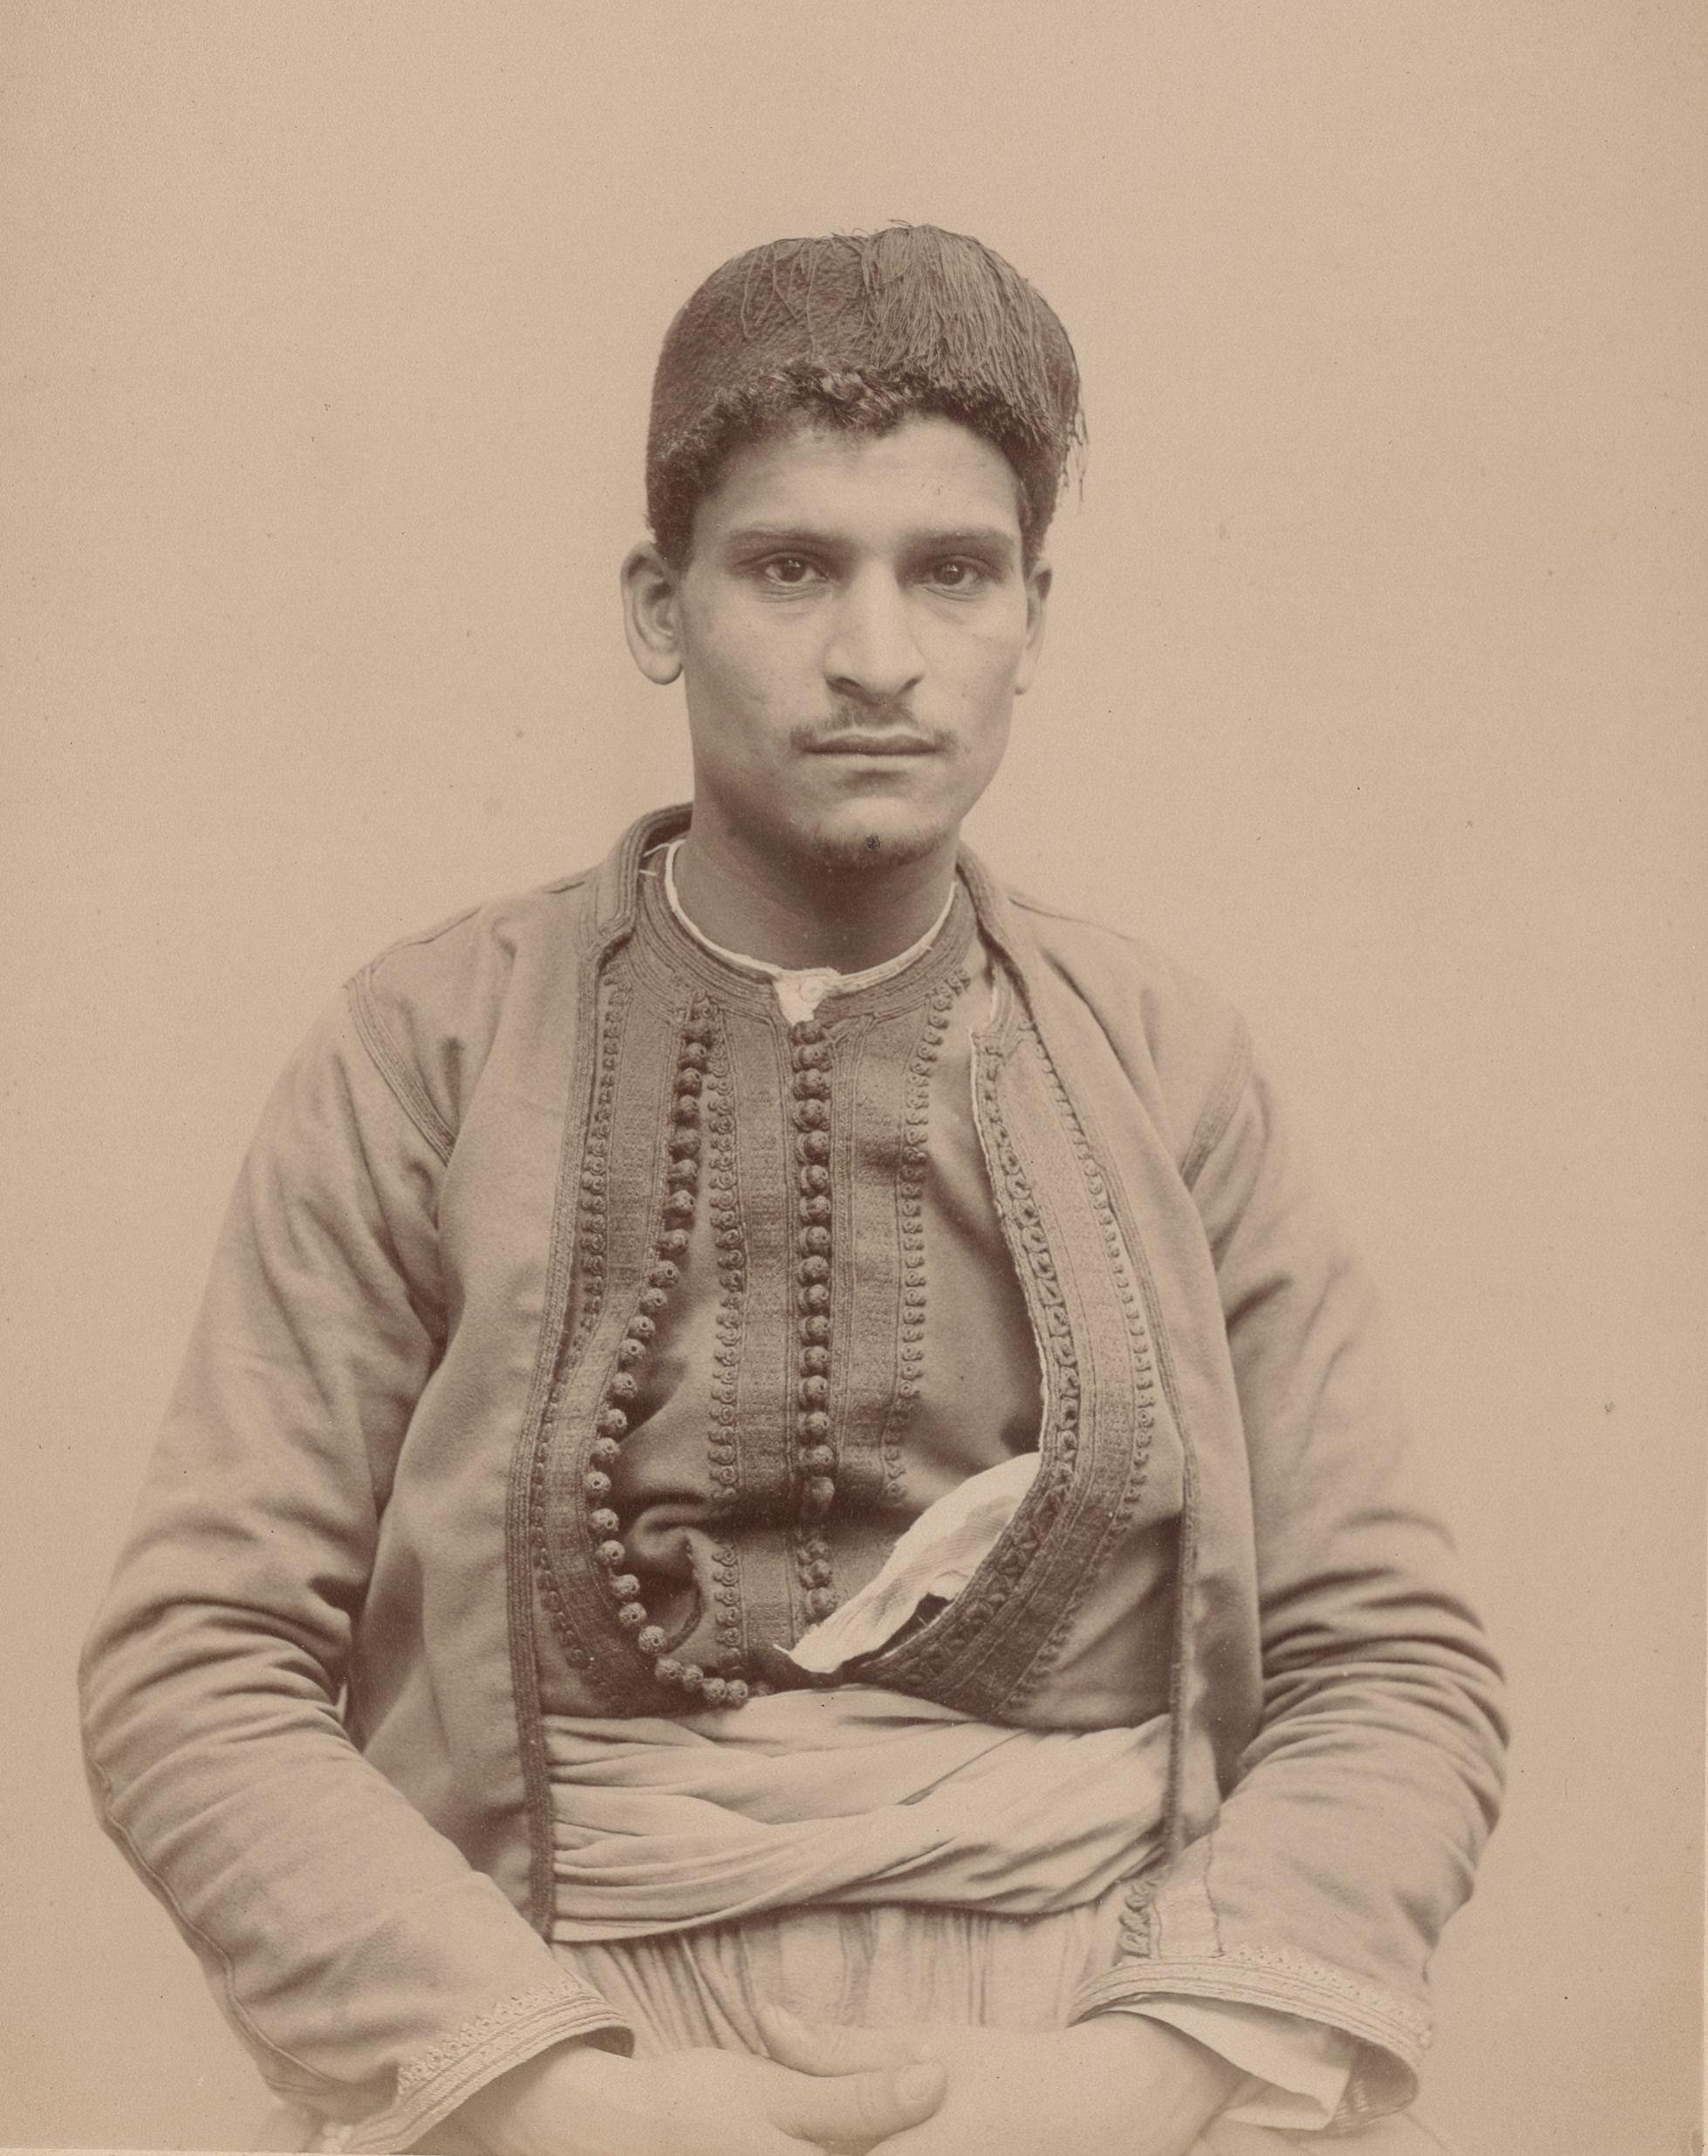 Кэддур. 28. Алжир (Айссауа). Позументщик (вид спереди)